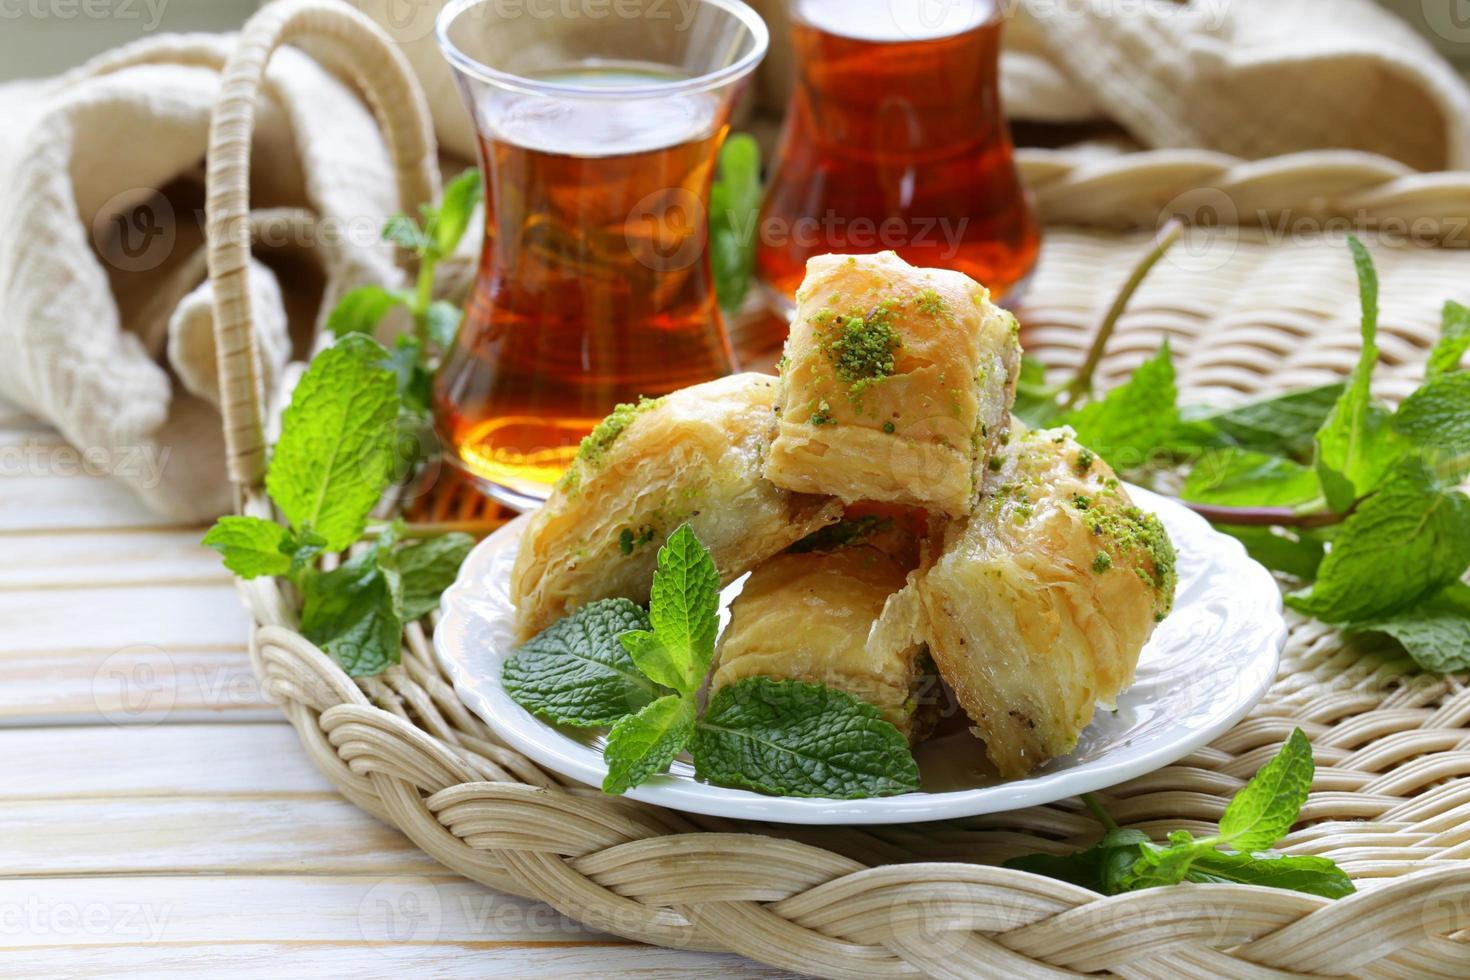 postre árabe turco tradicional - baklava con miel y pistachos foto